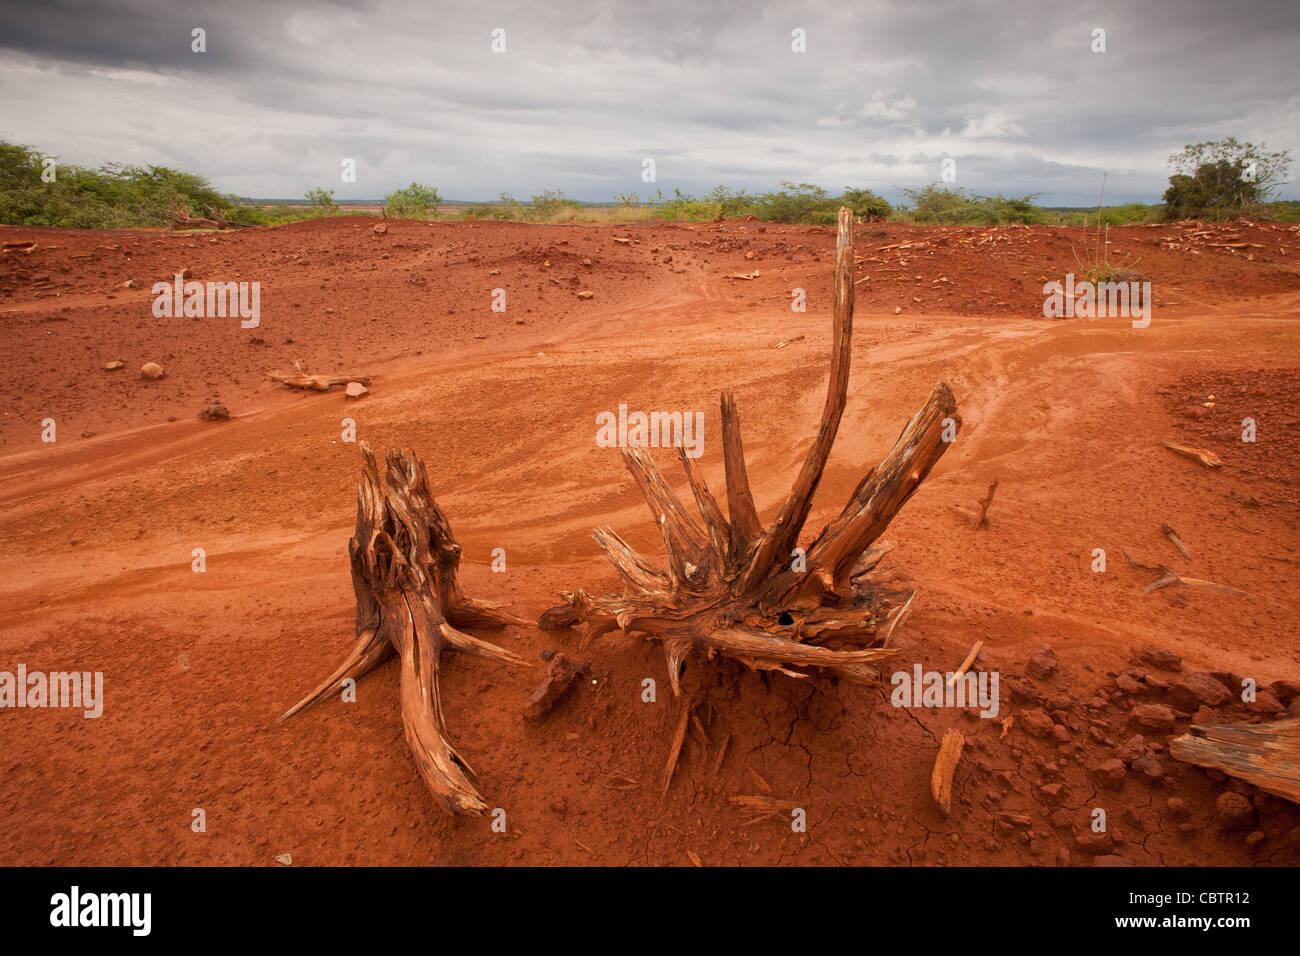 Le sol érodé en Sarigua national park (désert) dans la province de Herrera, République du Panama. Photo Stock